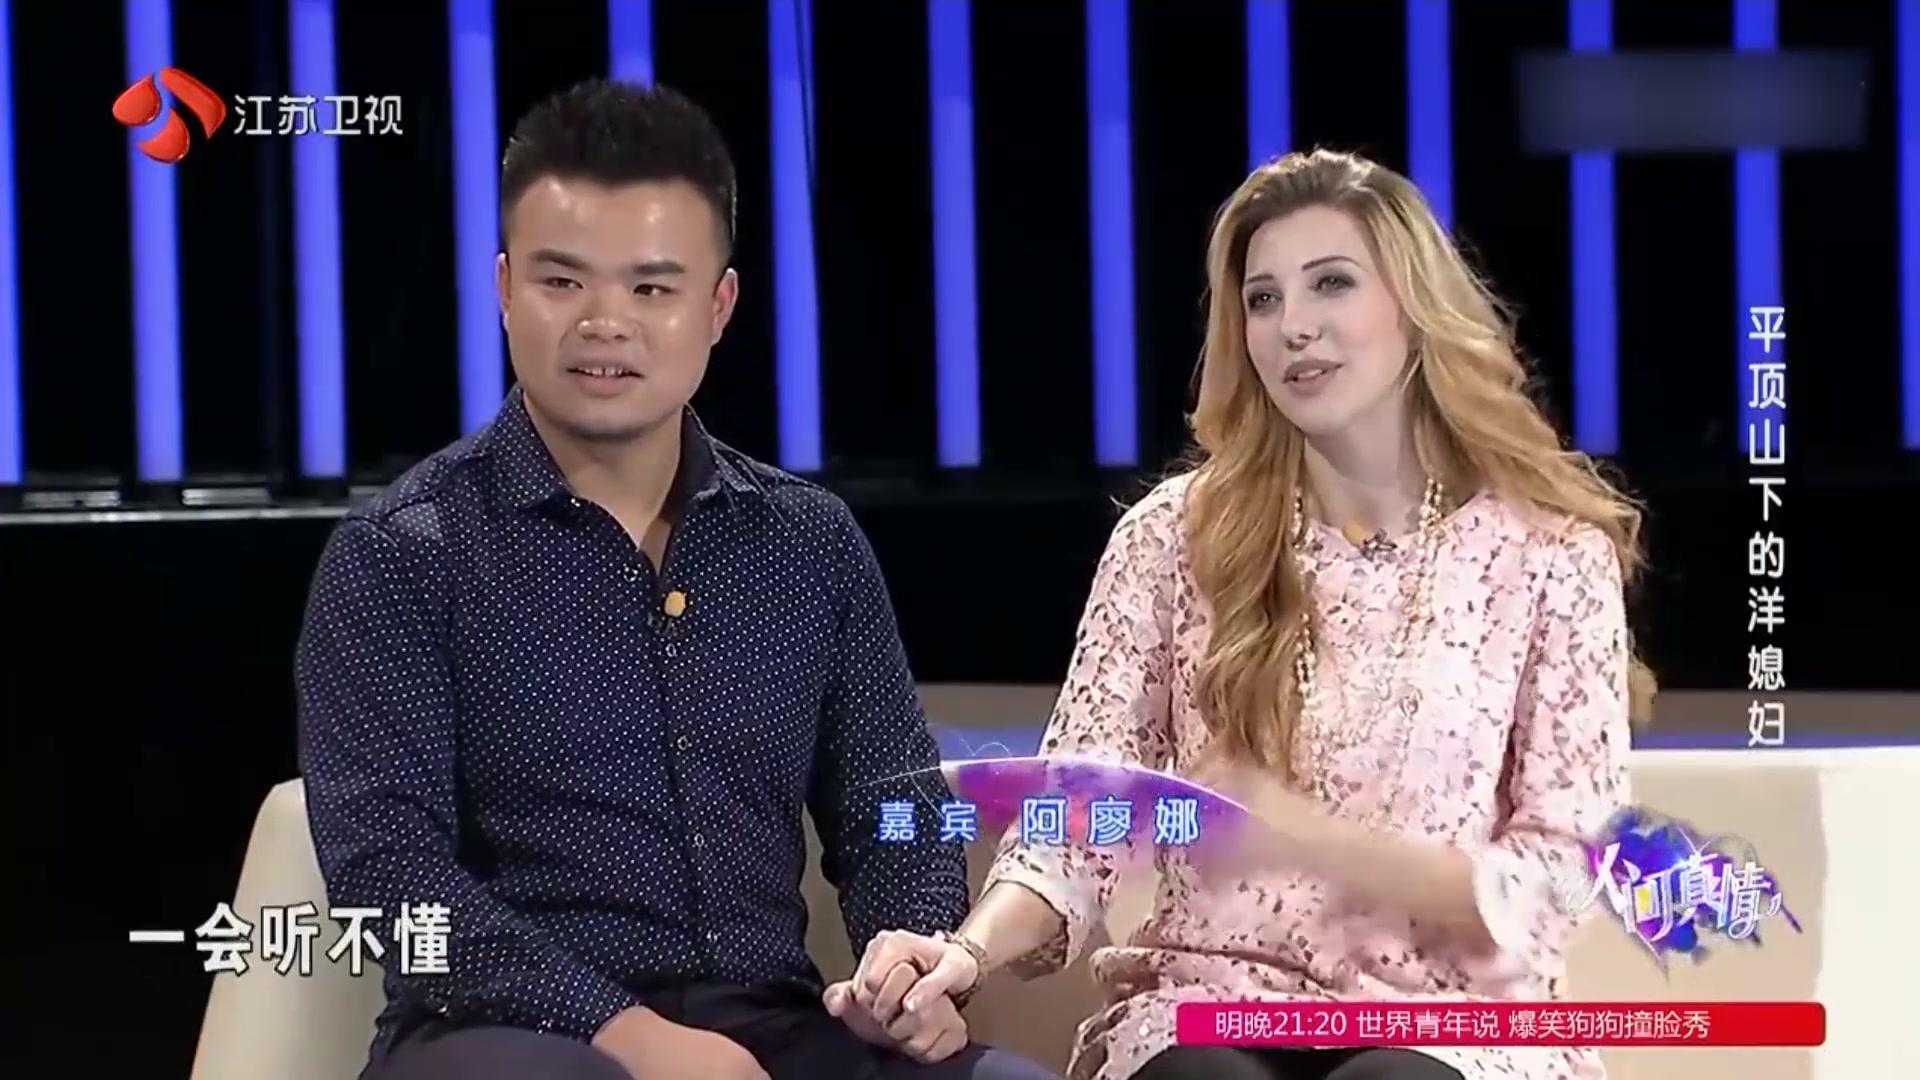 人间真情:丈母娘不懂中文,却跨越海洋寻女儿,丈夫都被吓住了!